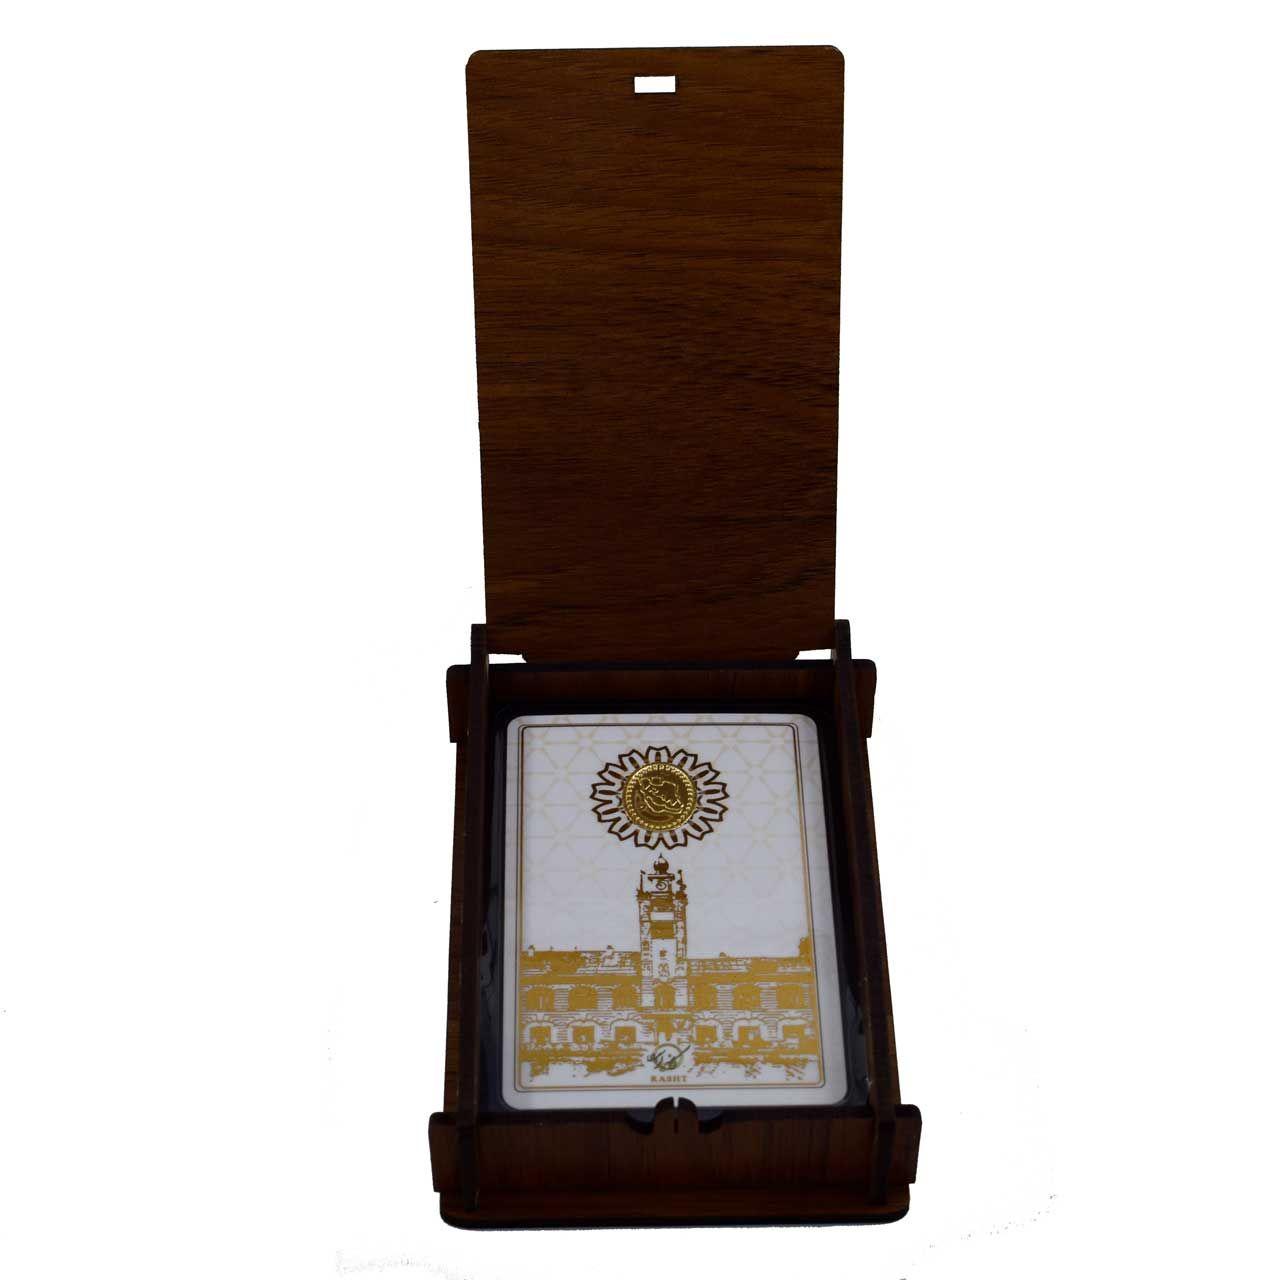 طلا گرمی 18 عیار کانیار گالری طرح عمارت شهرداری رشت کد 46 -  - 7